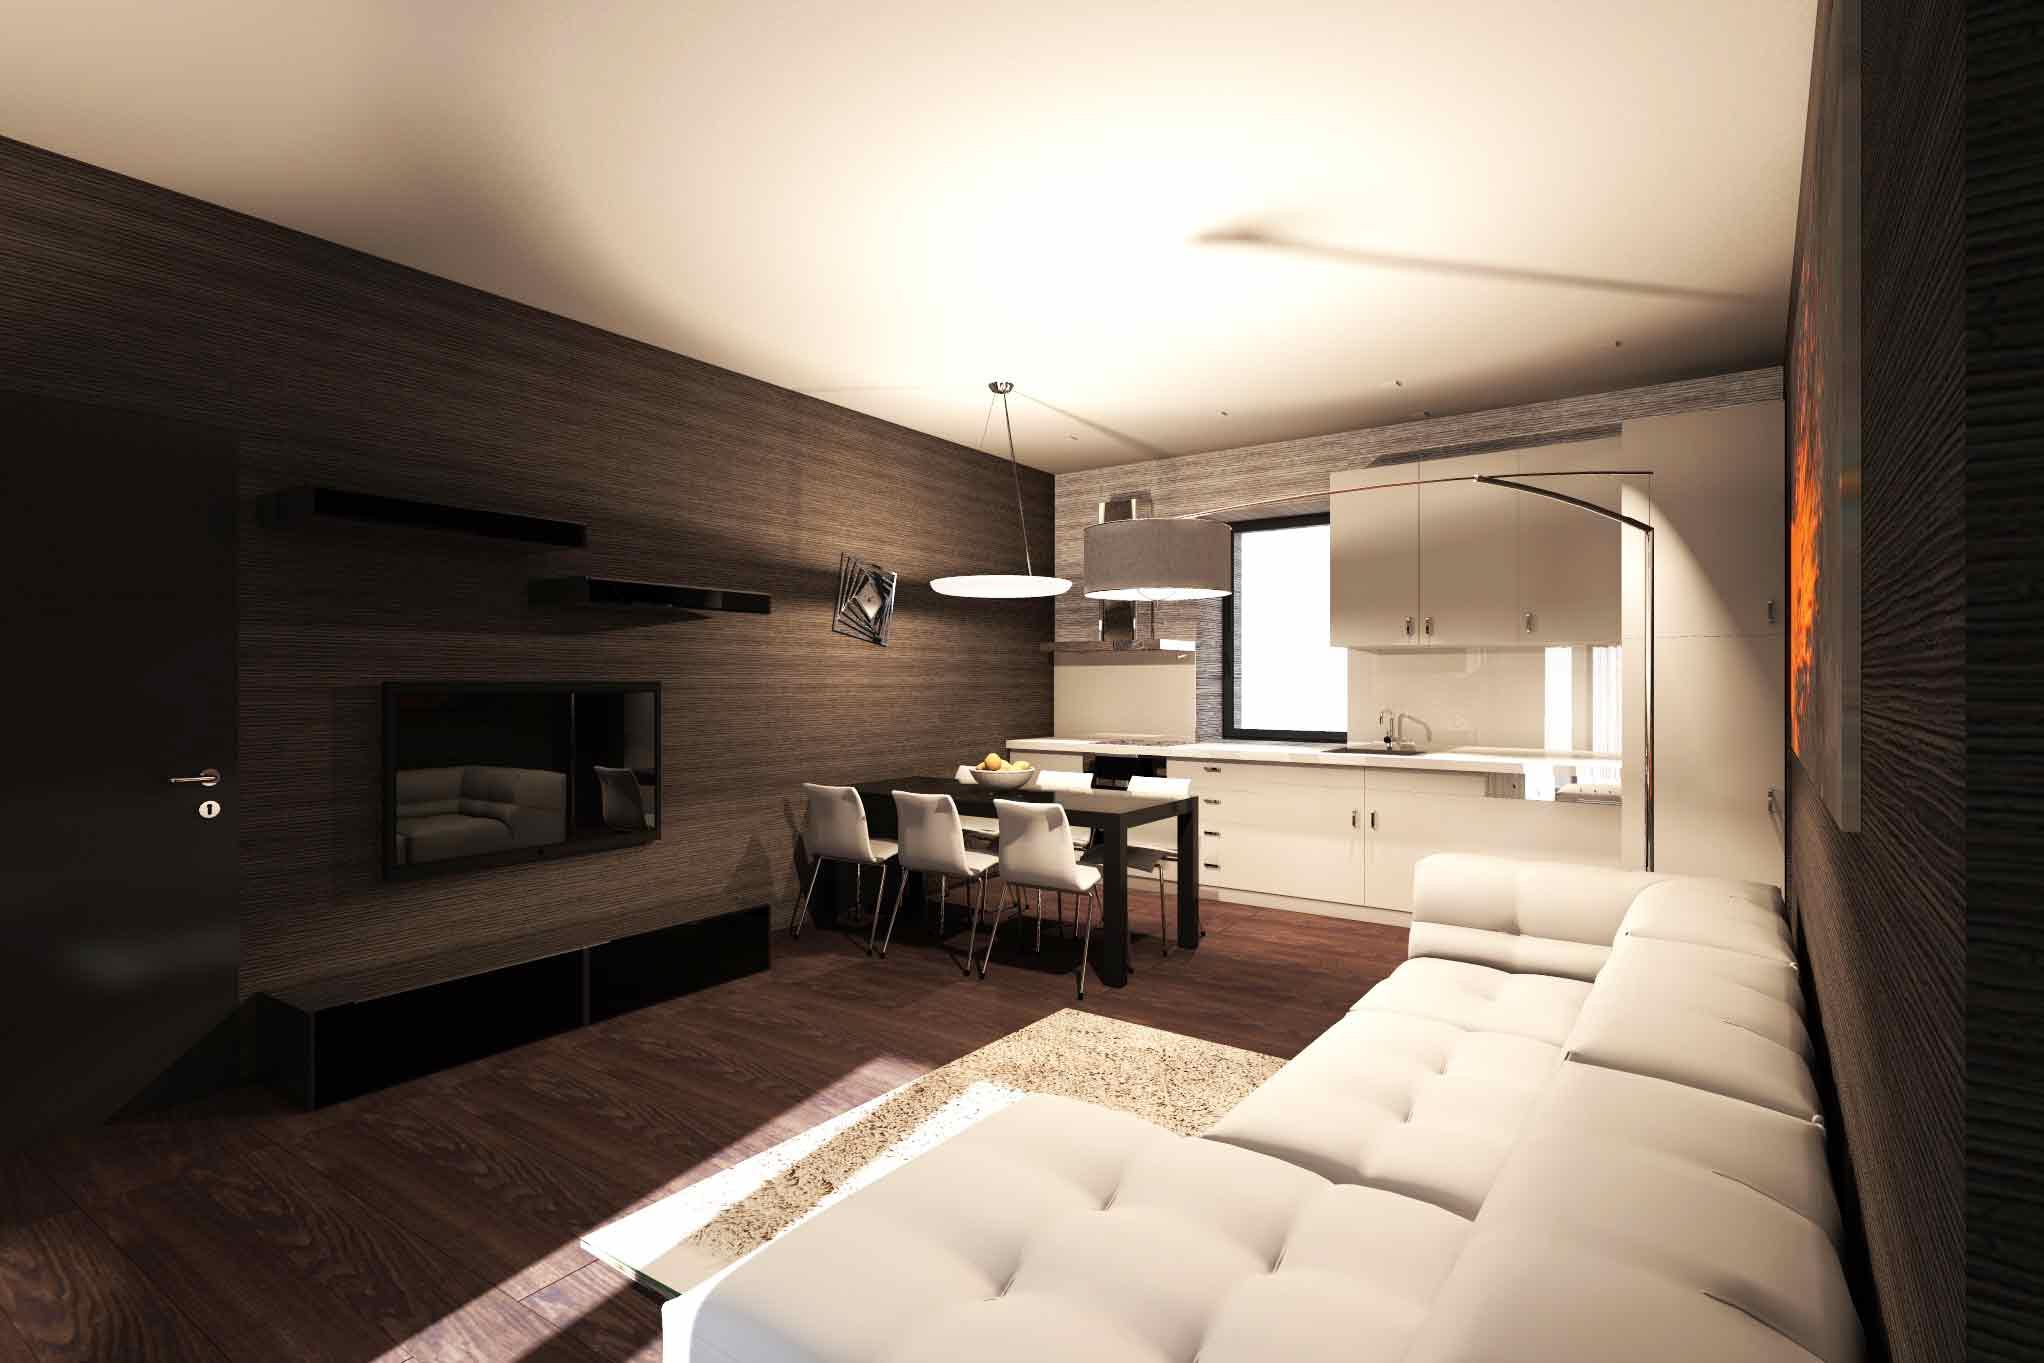 Comprar un piso para reformar coalco reformas e for Decoracion pisos pequenos modernos